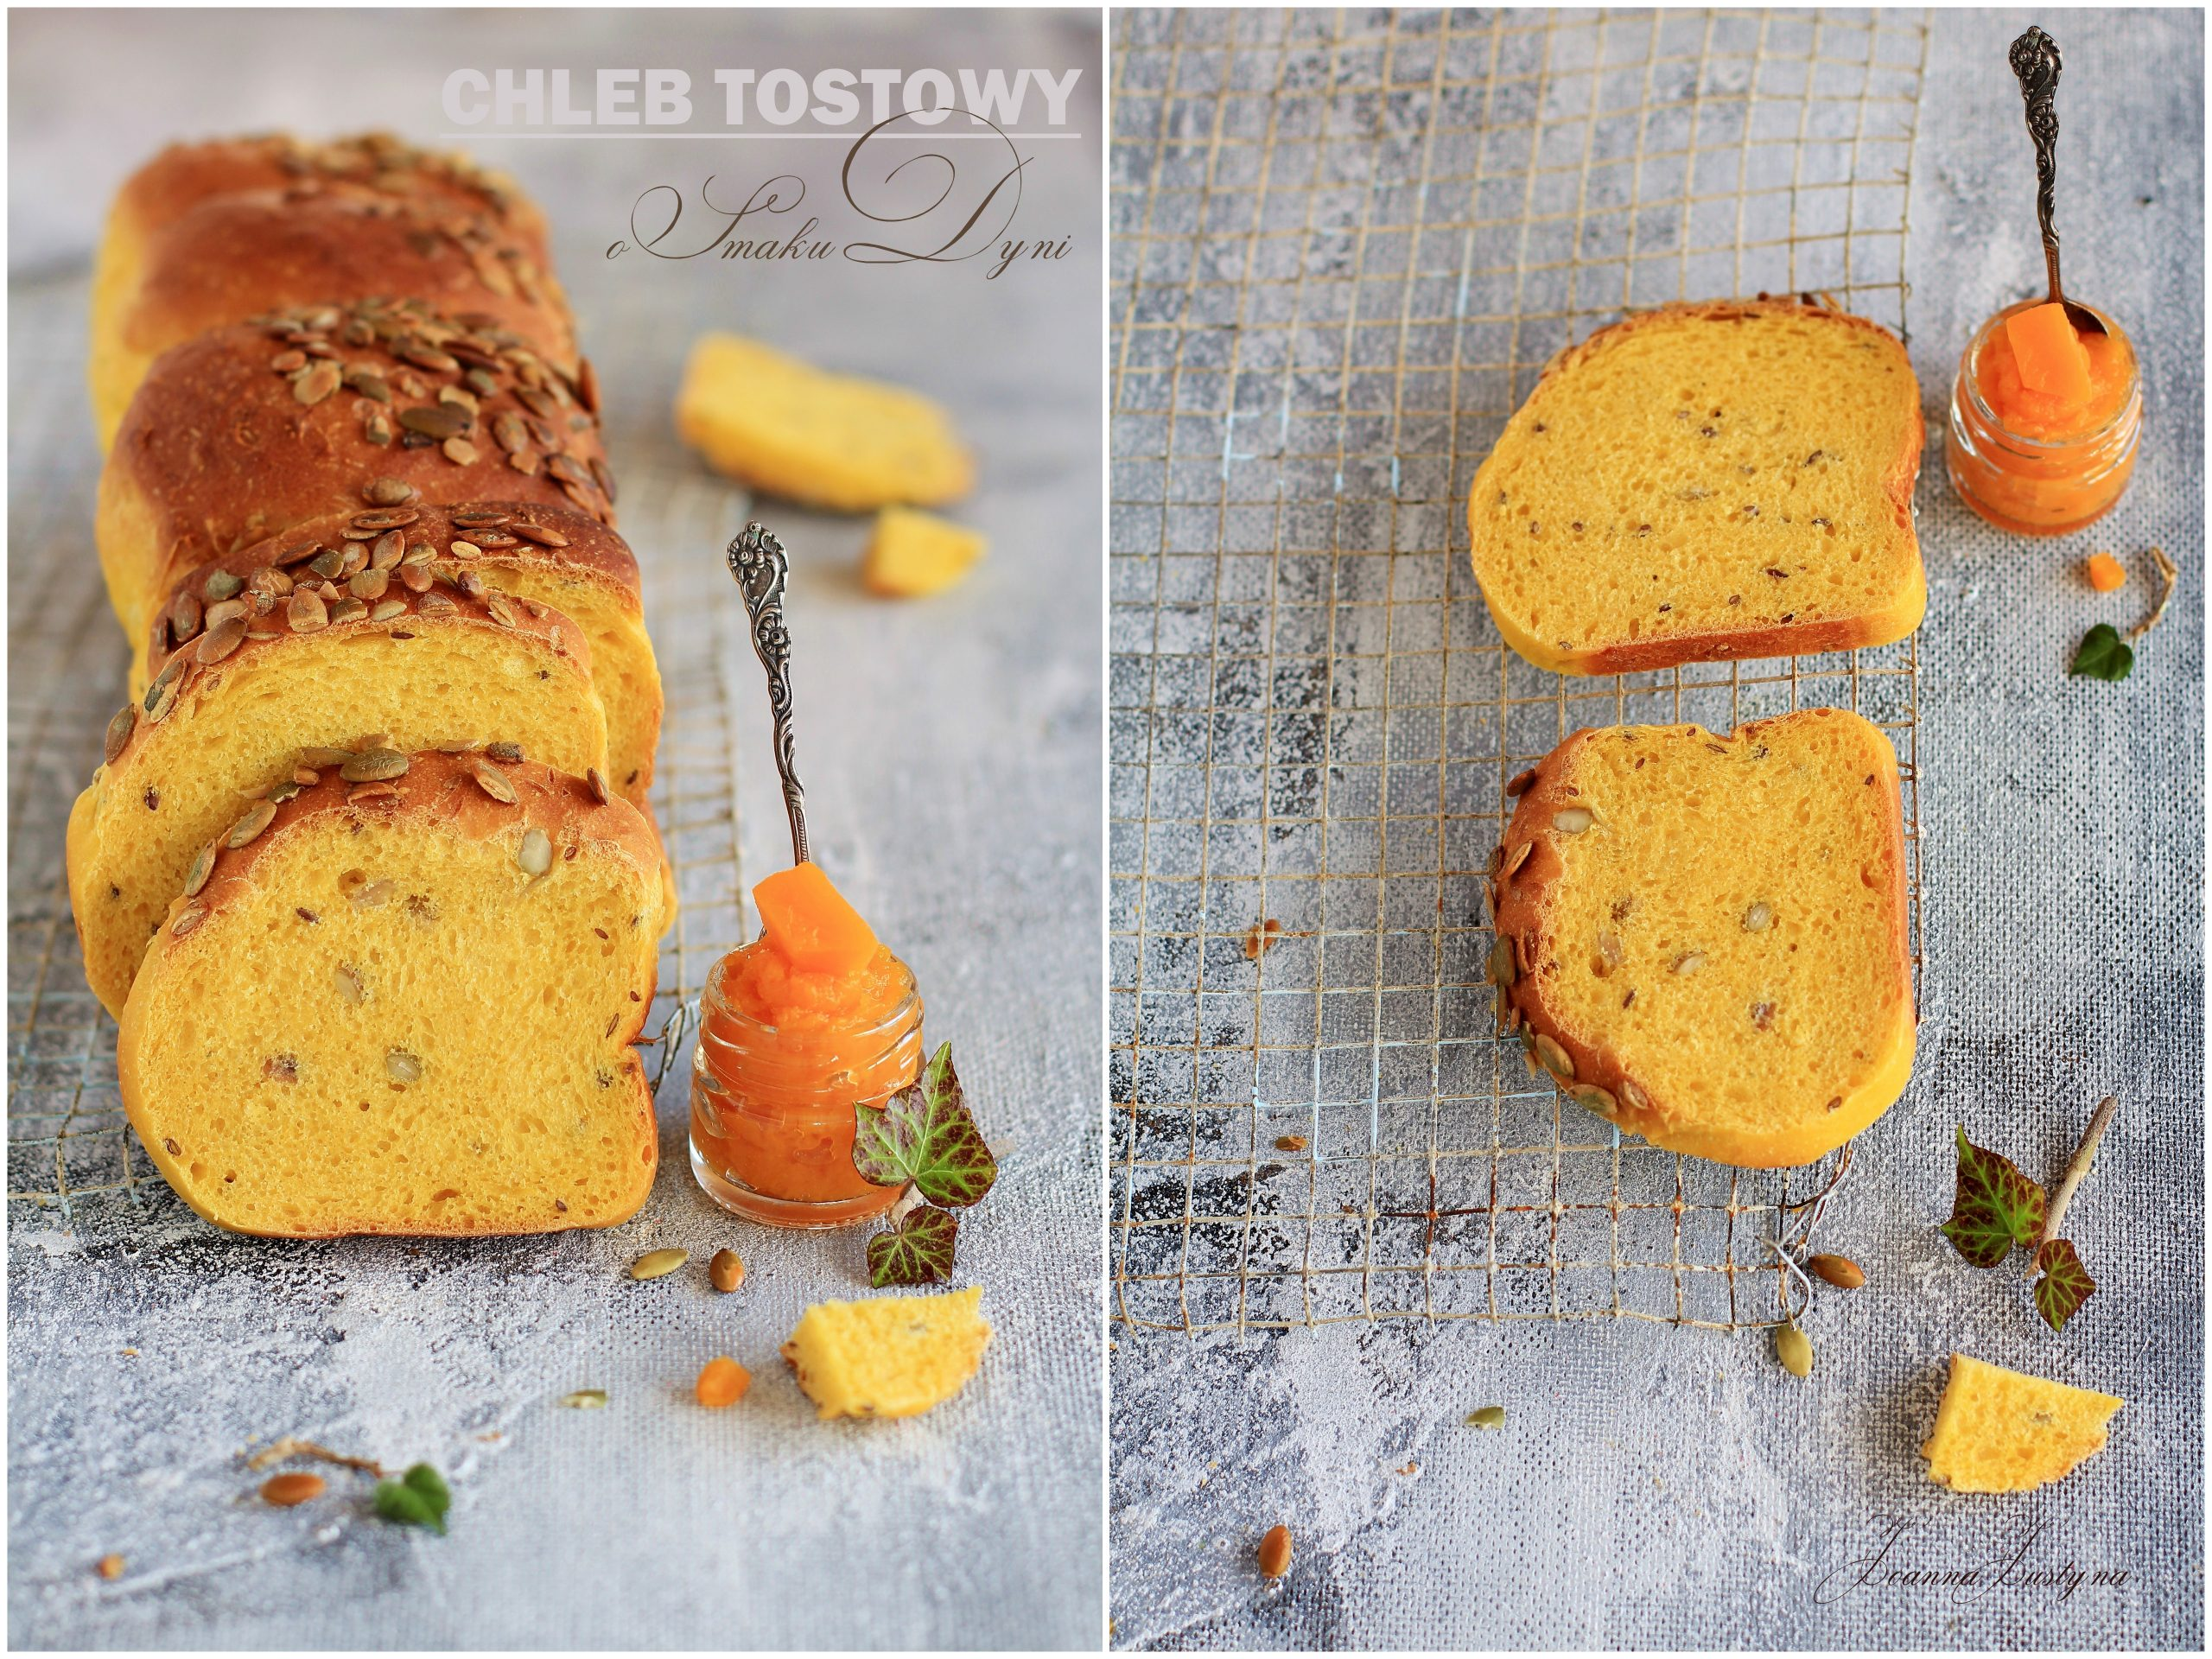 chleb tostowy o smaku dyni